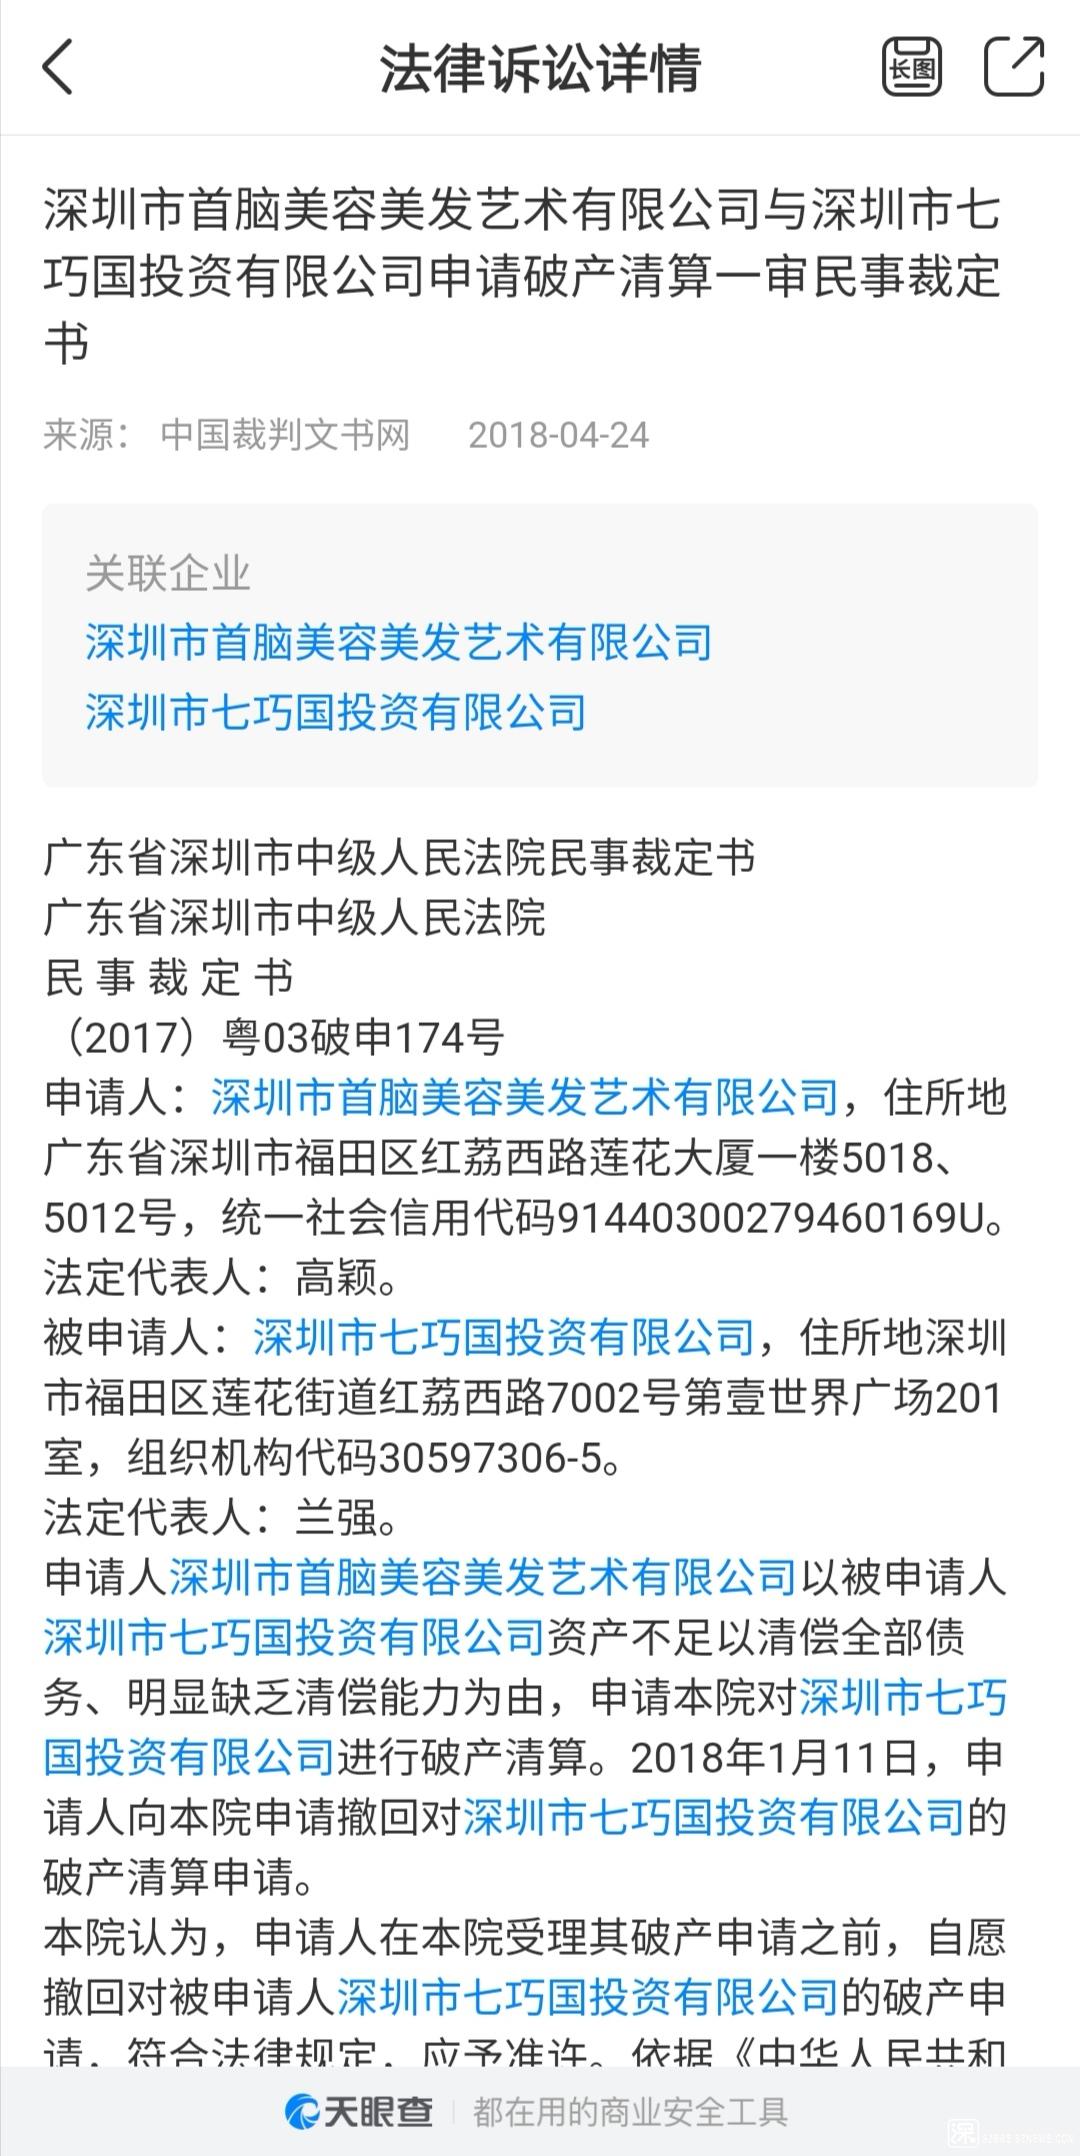 Screenshot_20191223_153018.jpg